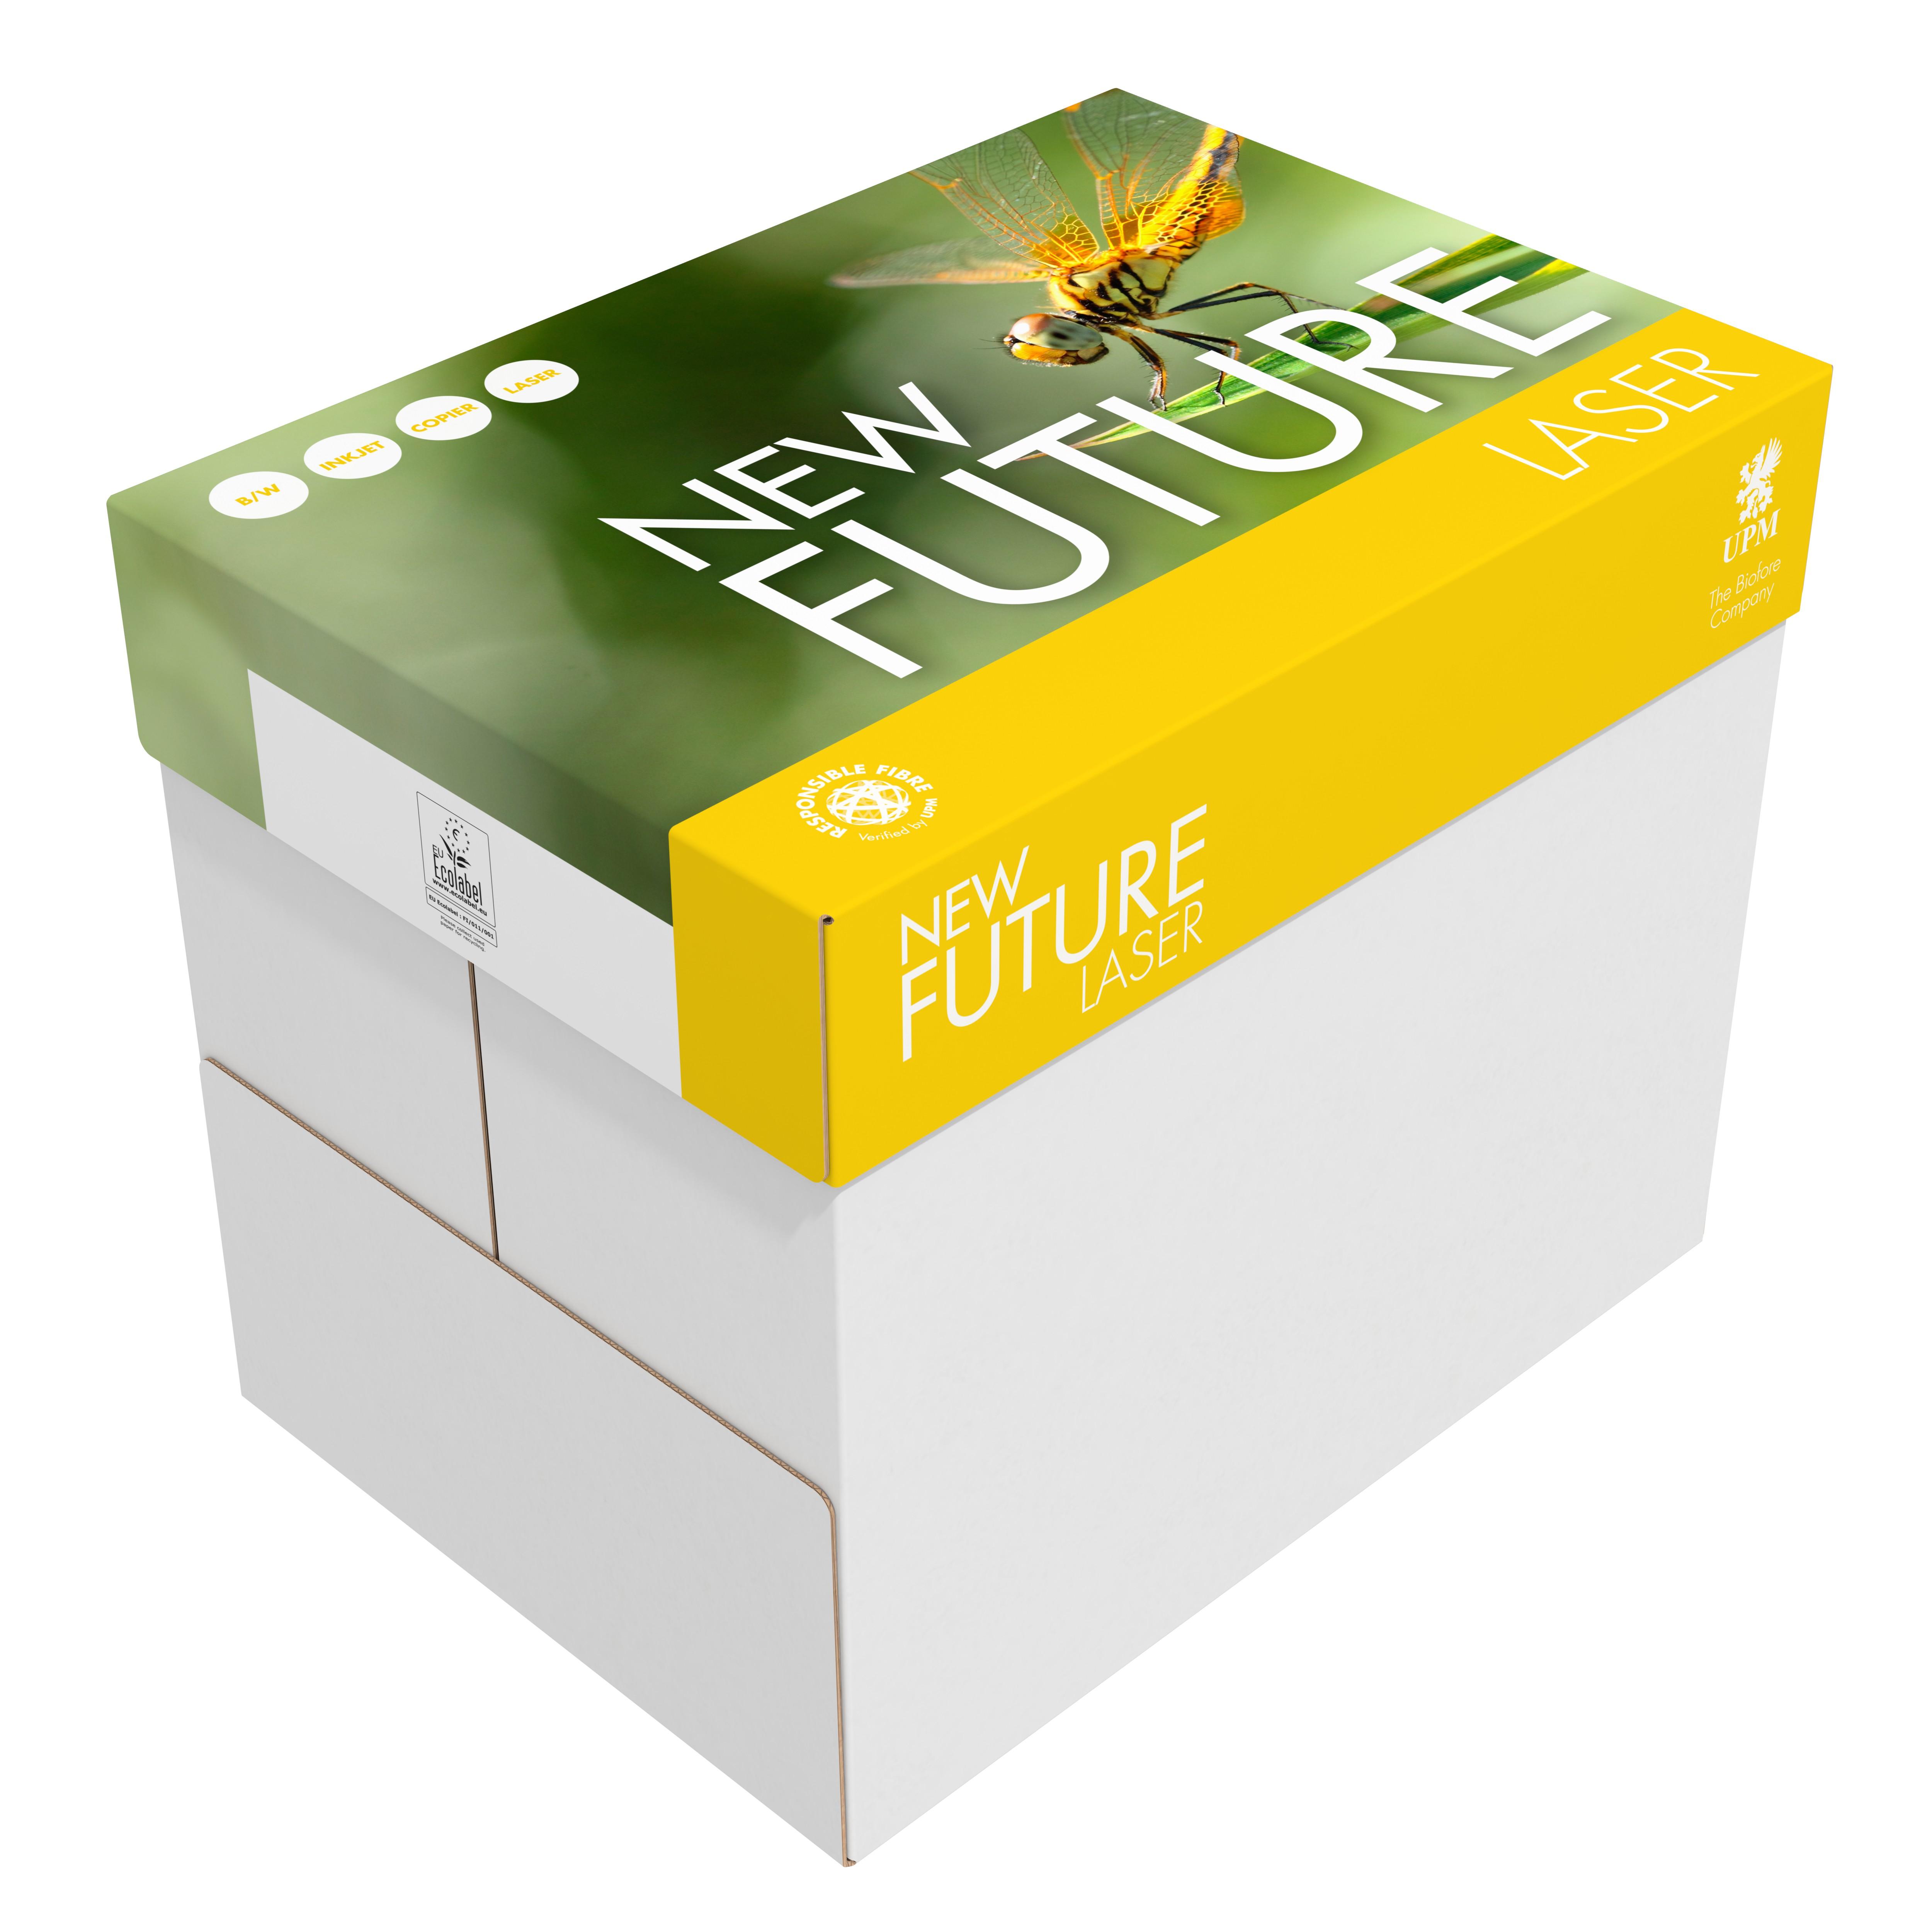 100.000 Blatt New Future Laser Papier 80g/m² DIN-A4 - weiß